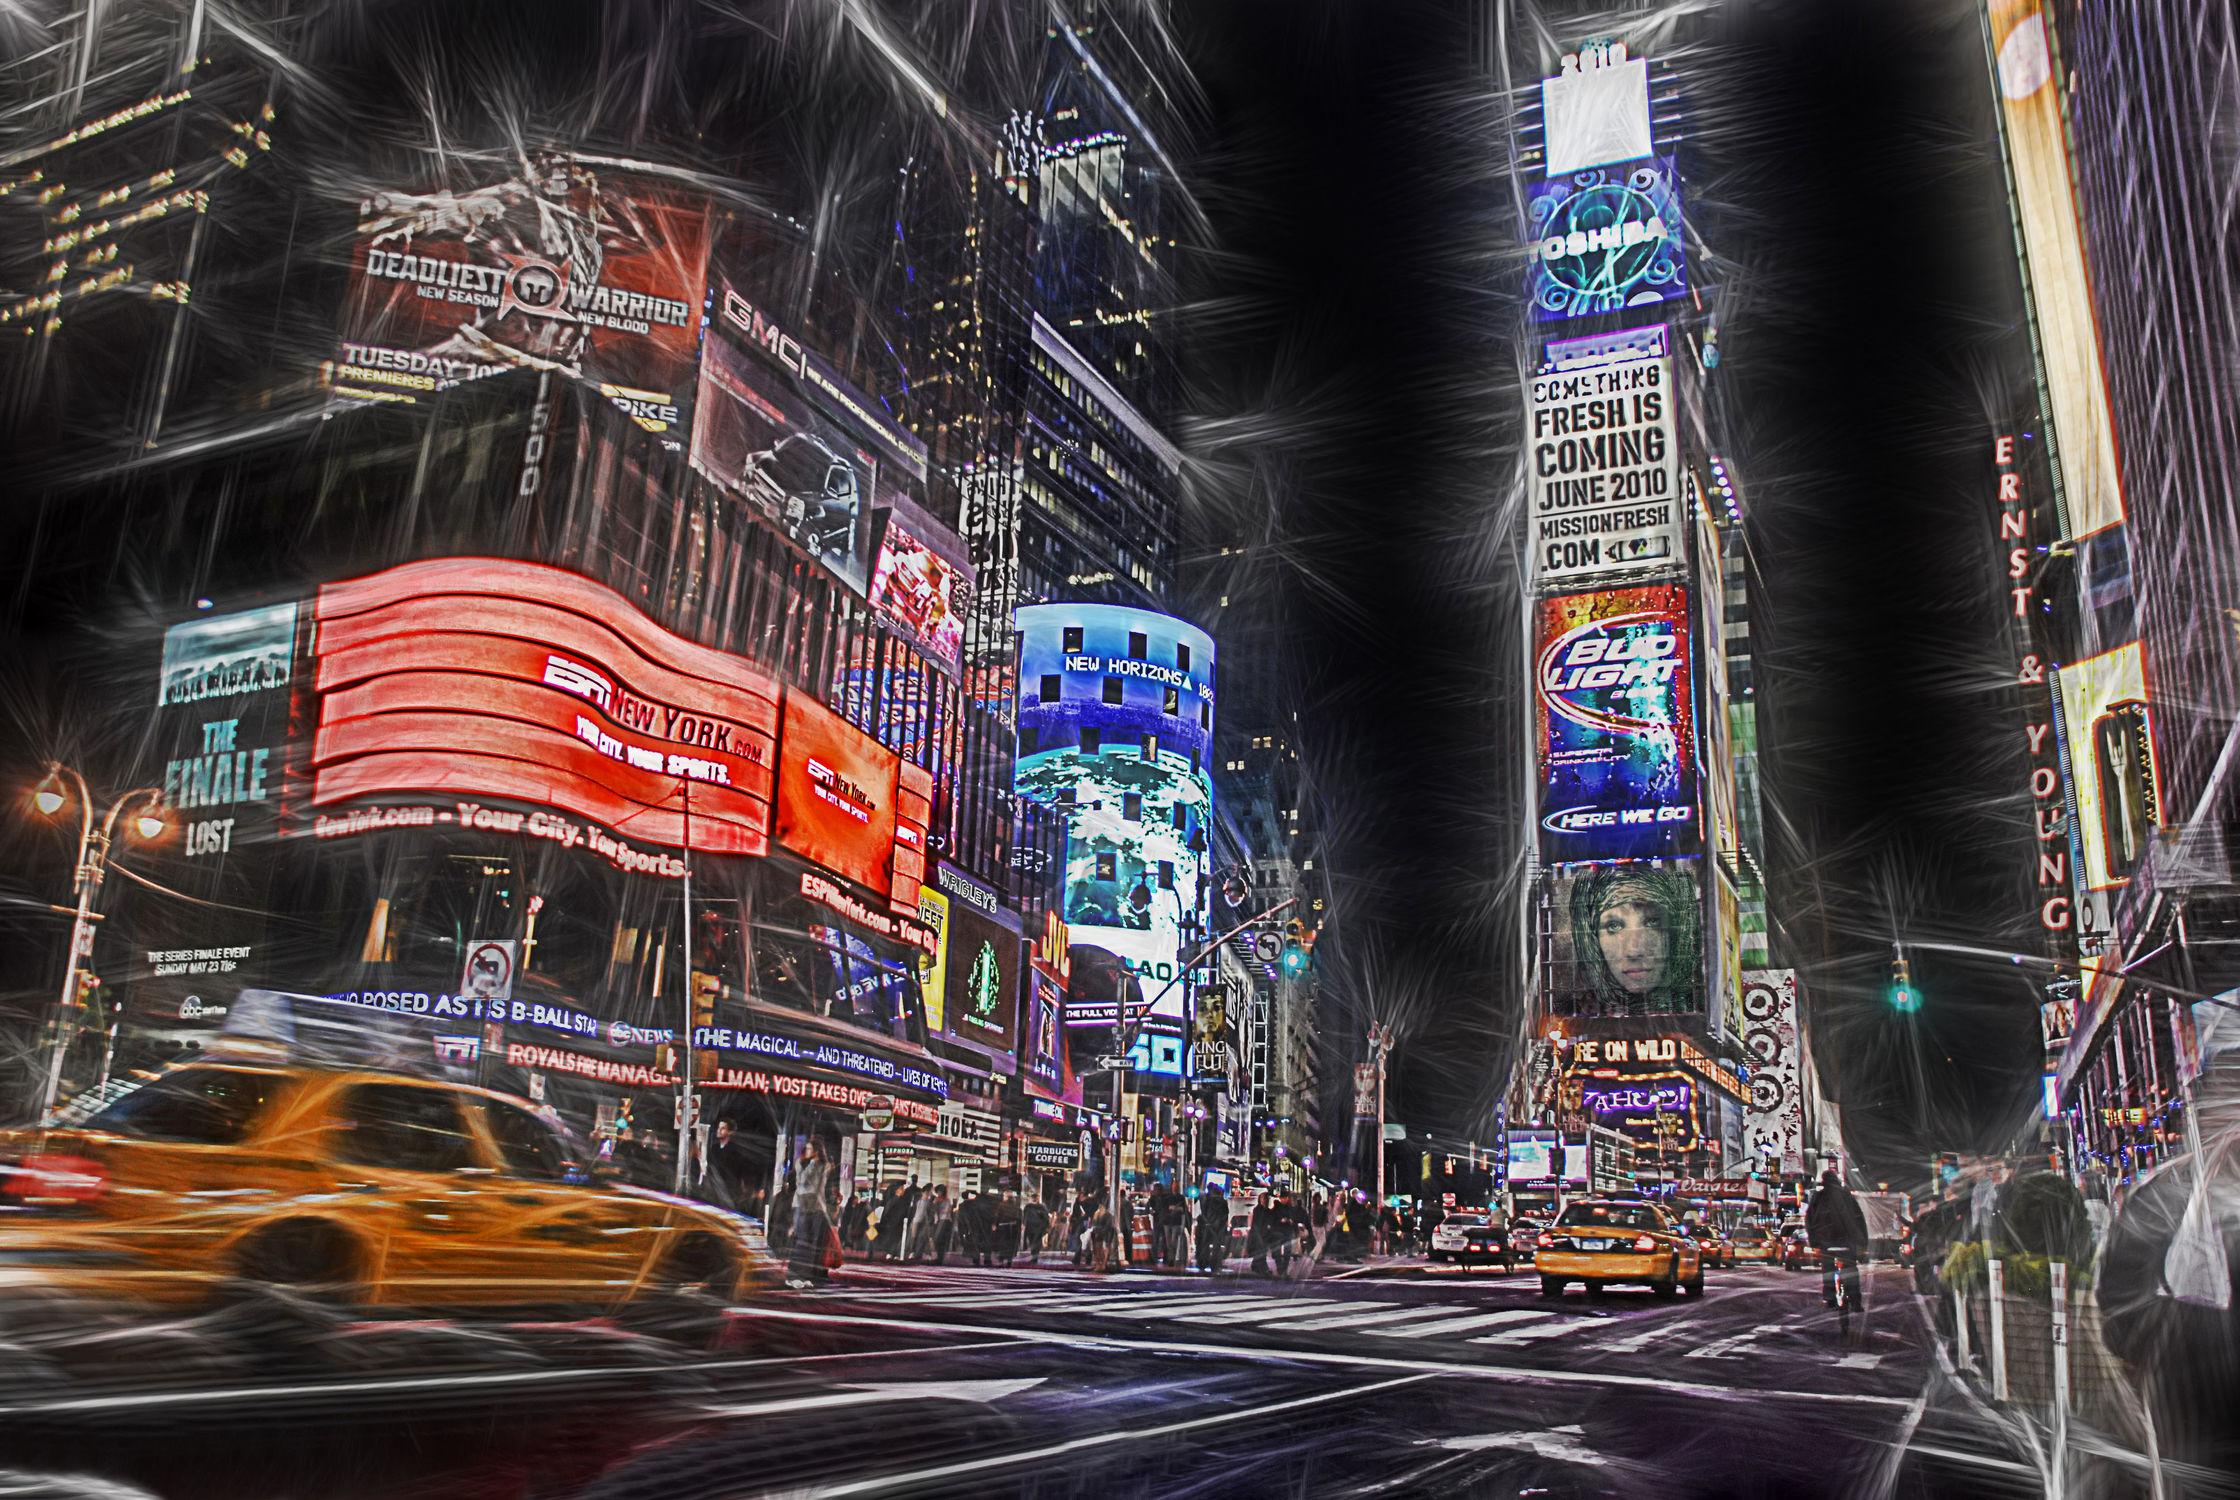 Bild mit Autos, Architektur, Straßen, Stadt, New York, Staedte und Architektur, USA, hochhaus, wolkenkratzer, metropole, Straße, Hochhäuser, Manhattan, Brooklyn Bridge, Yellow cab, taxi, Taxis, New York City, NYC, Gelbe Taxis, yellow cabs, 1st Ave, Times Square